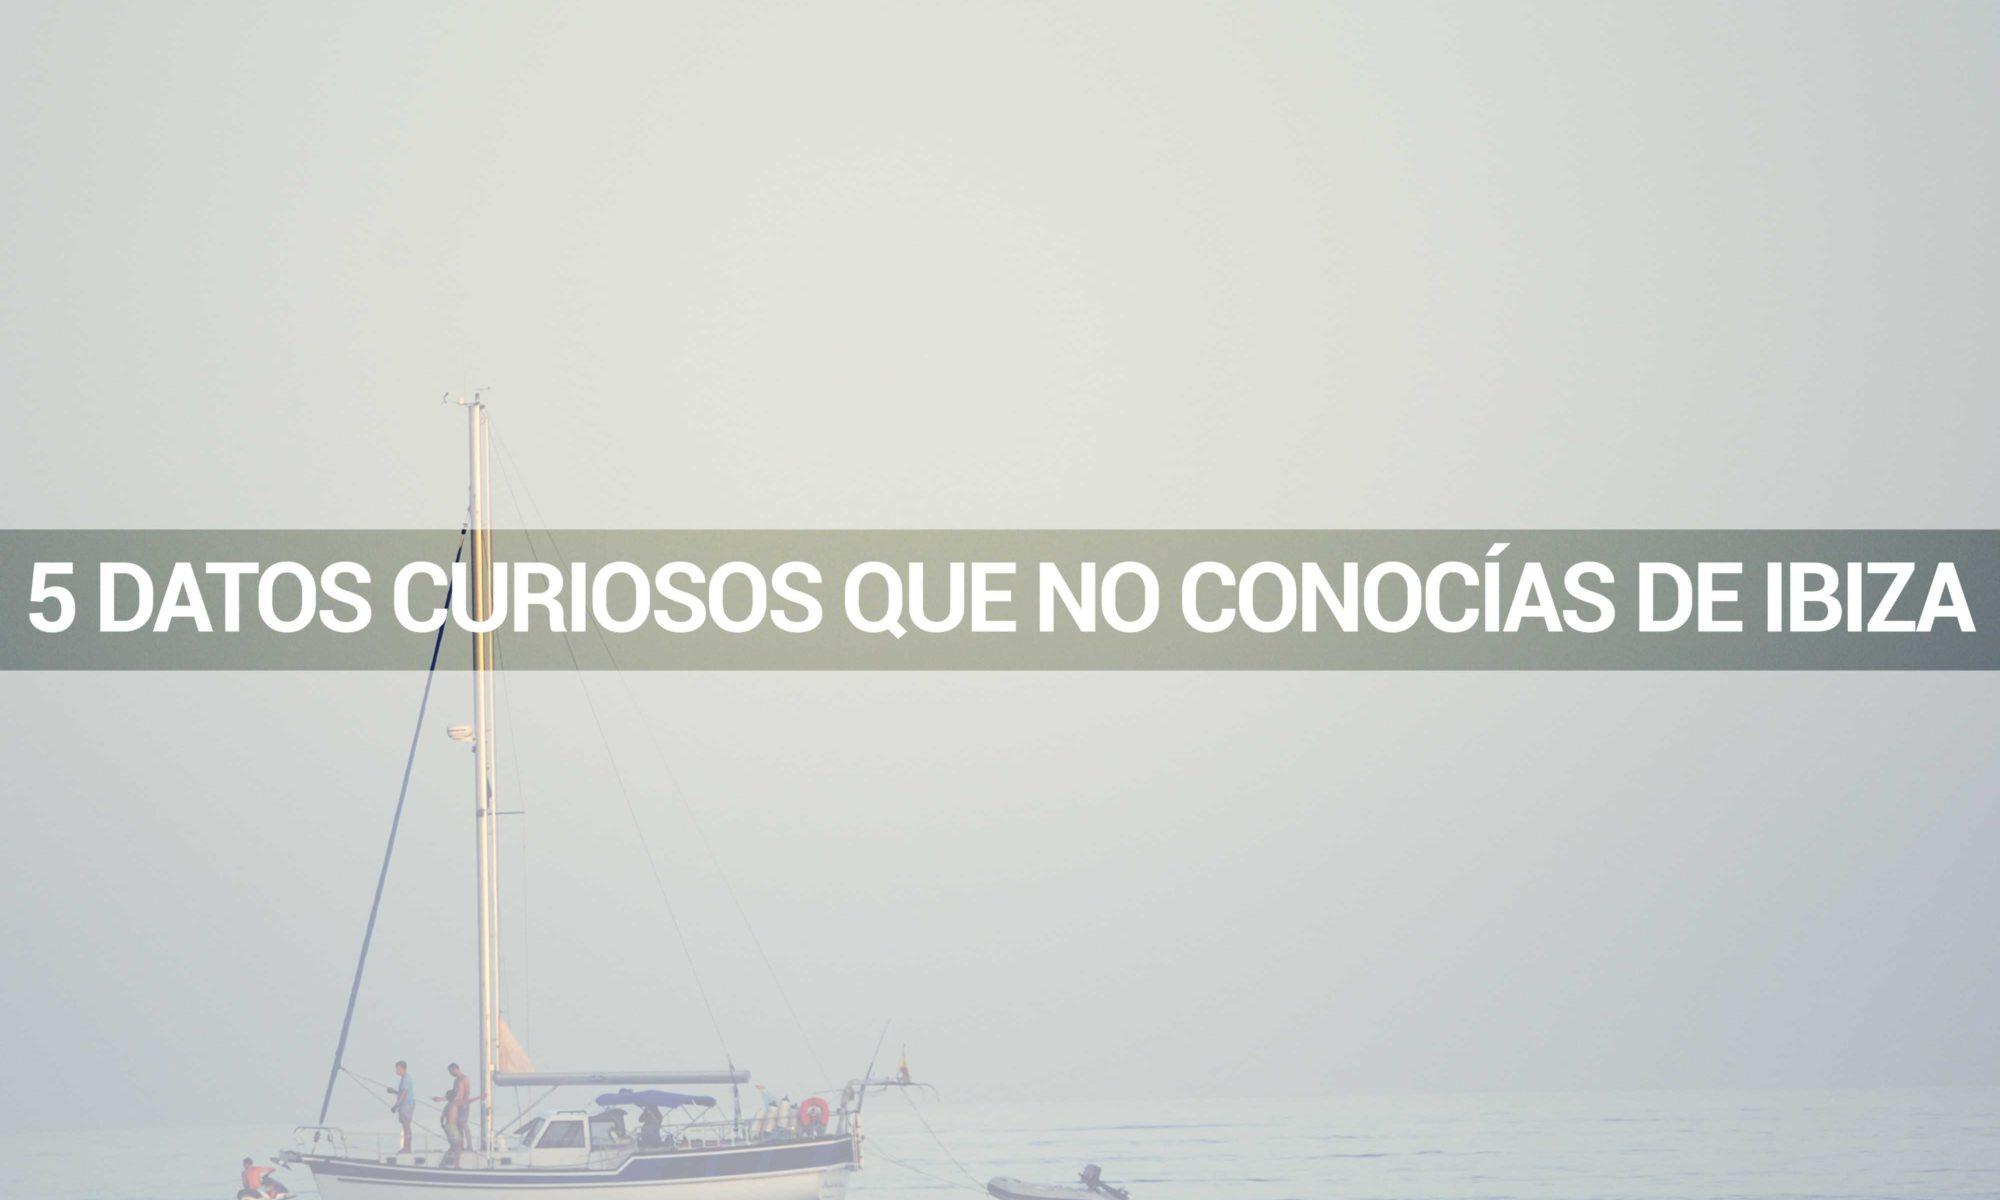 curiosidades-ibiza